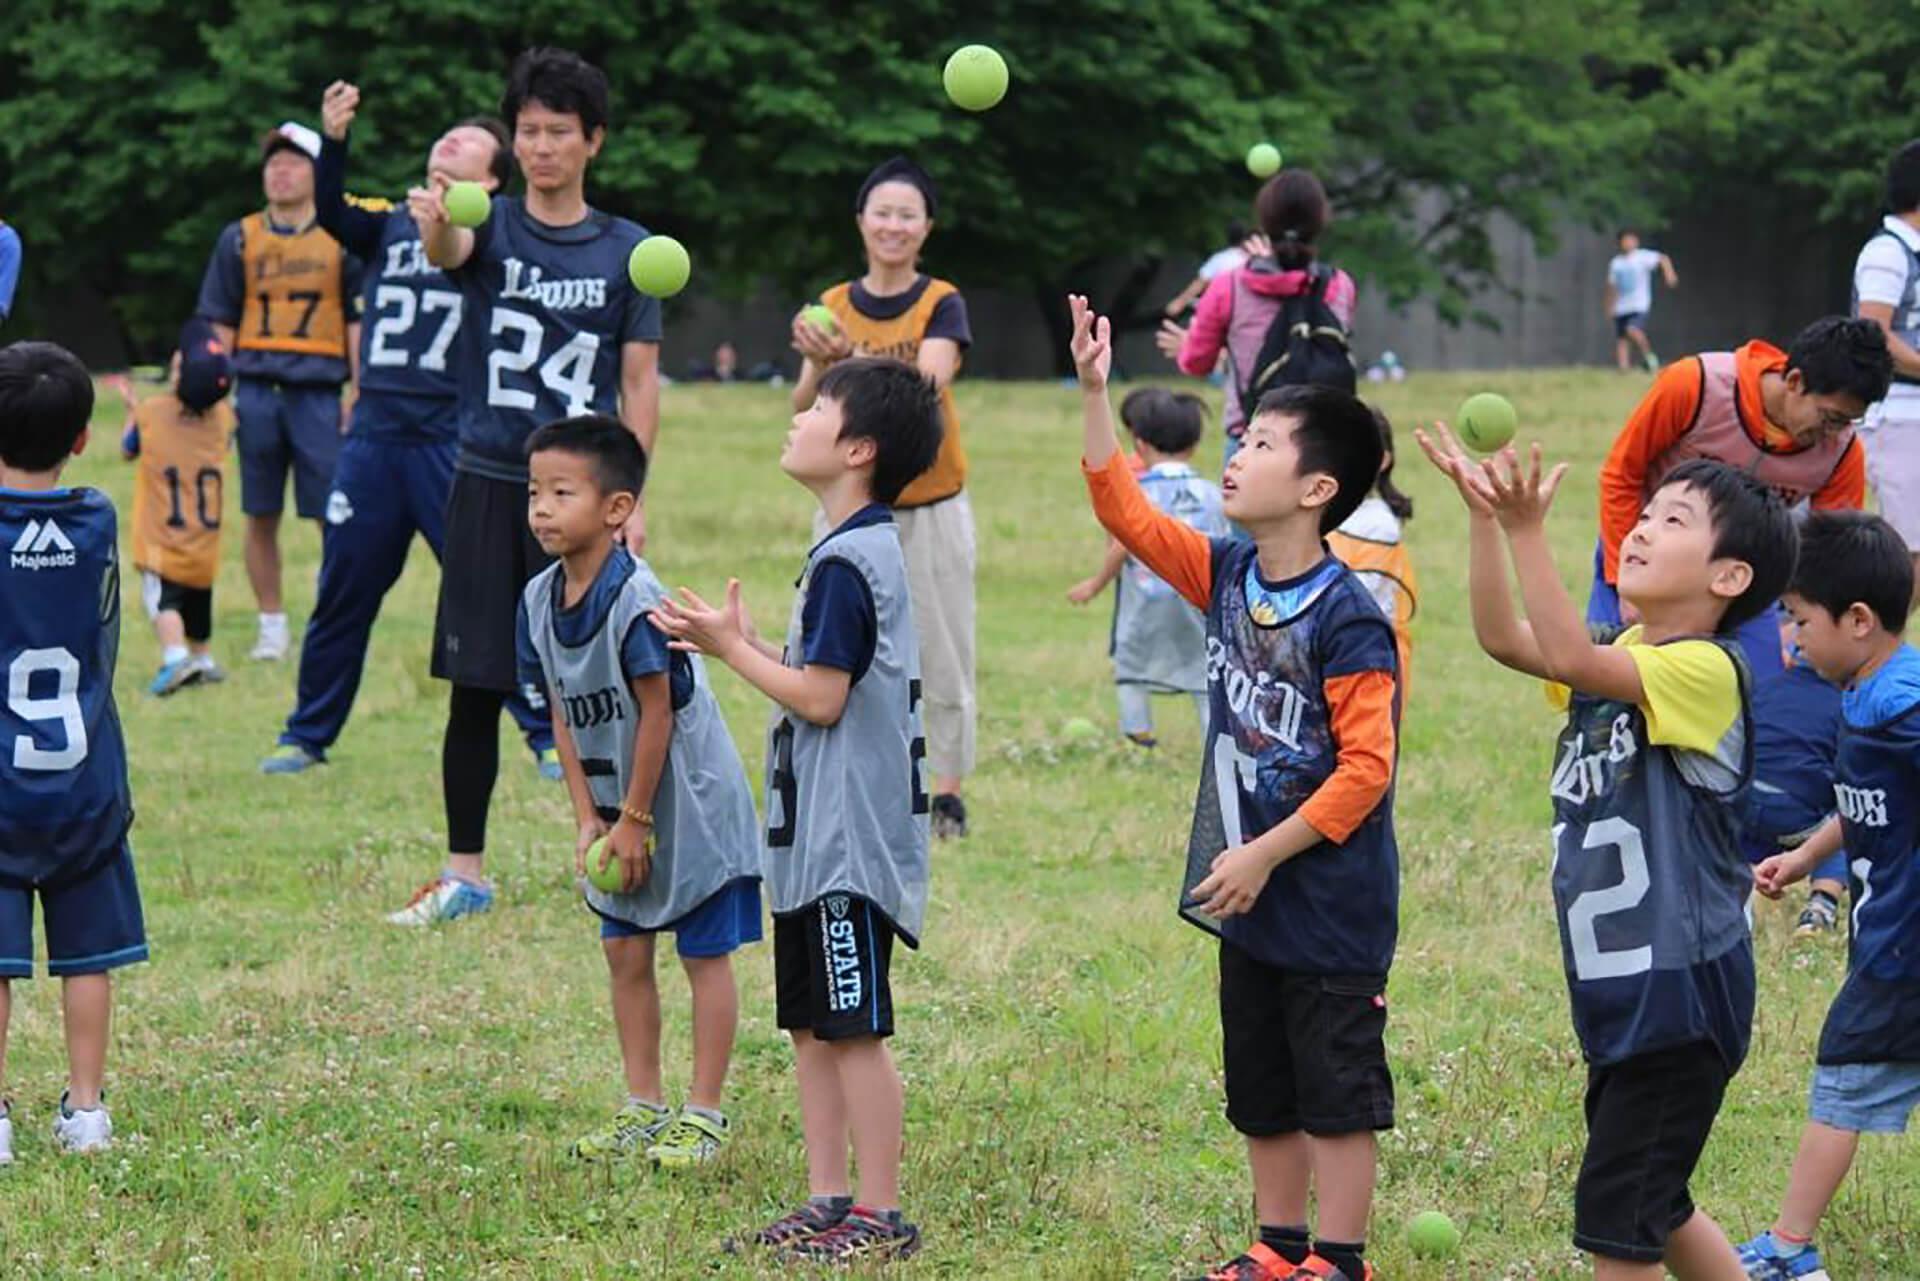 親子キャッチボールイベントの前回の様子・ボール遊びしてます